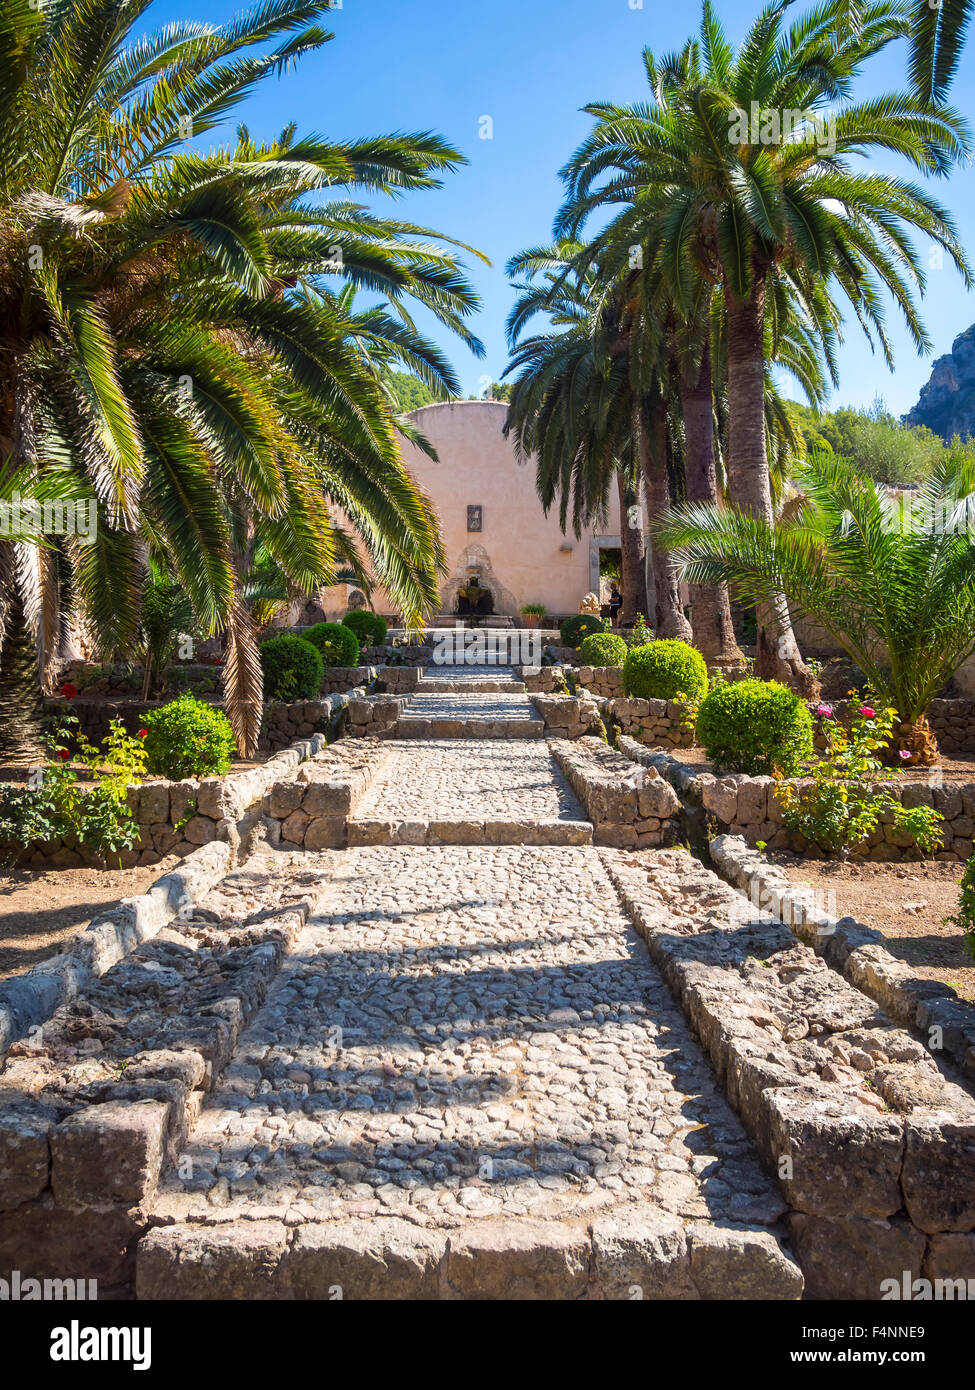 Los jardines de Alfàbia, mansión de los jardines árabes, la Sierra de Alfàbia, Mallorca, España Imagen De Stock